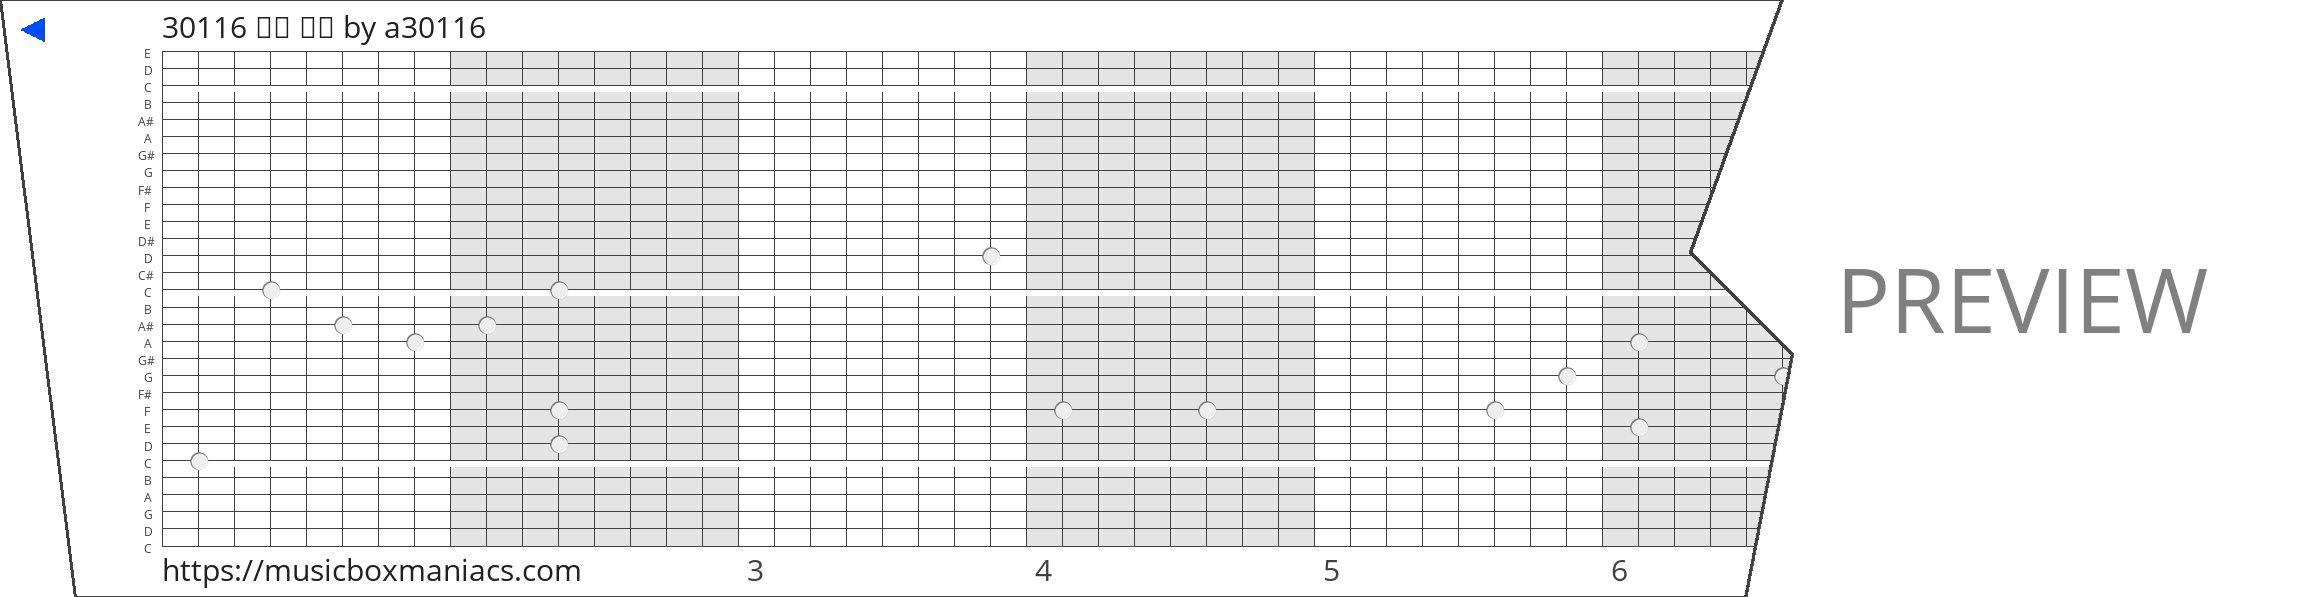 30116 음악 과제 30 note music box paper strip